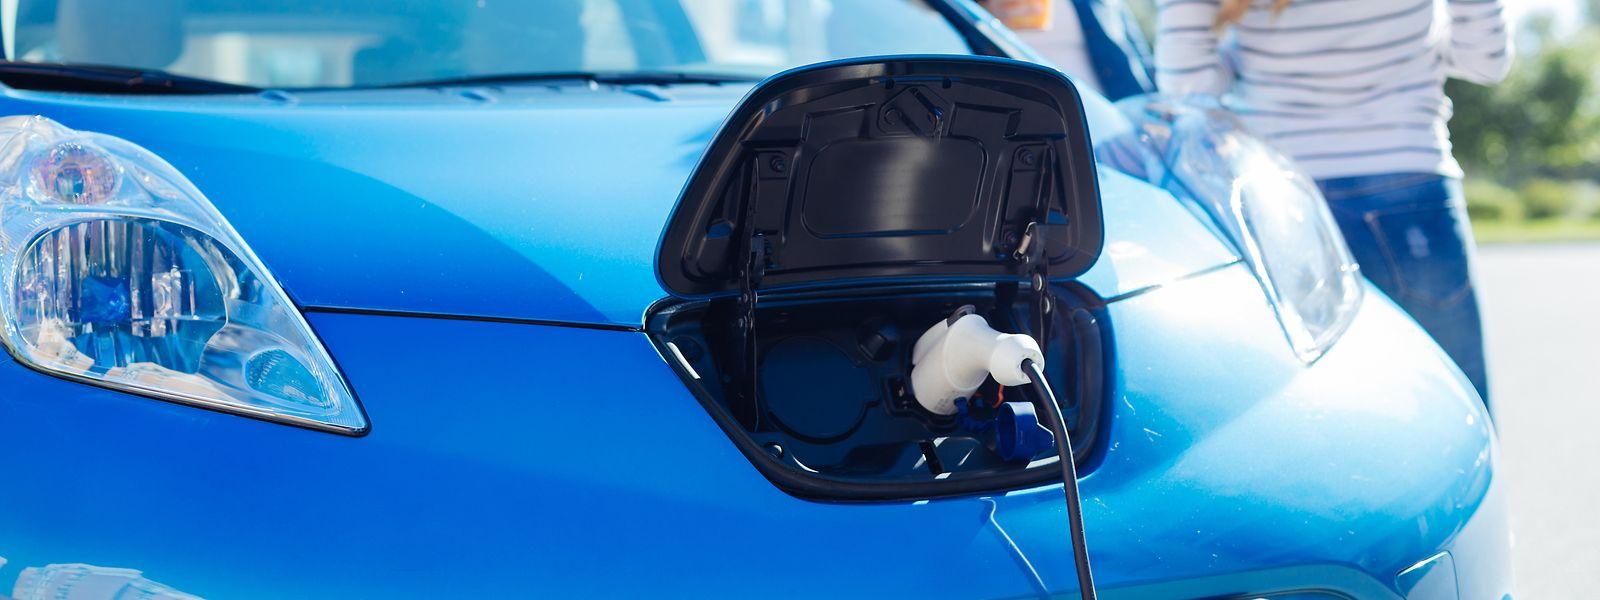 Le temps de chargement des véhicules électriques apparaît encore comme problématique.